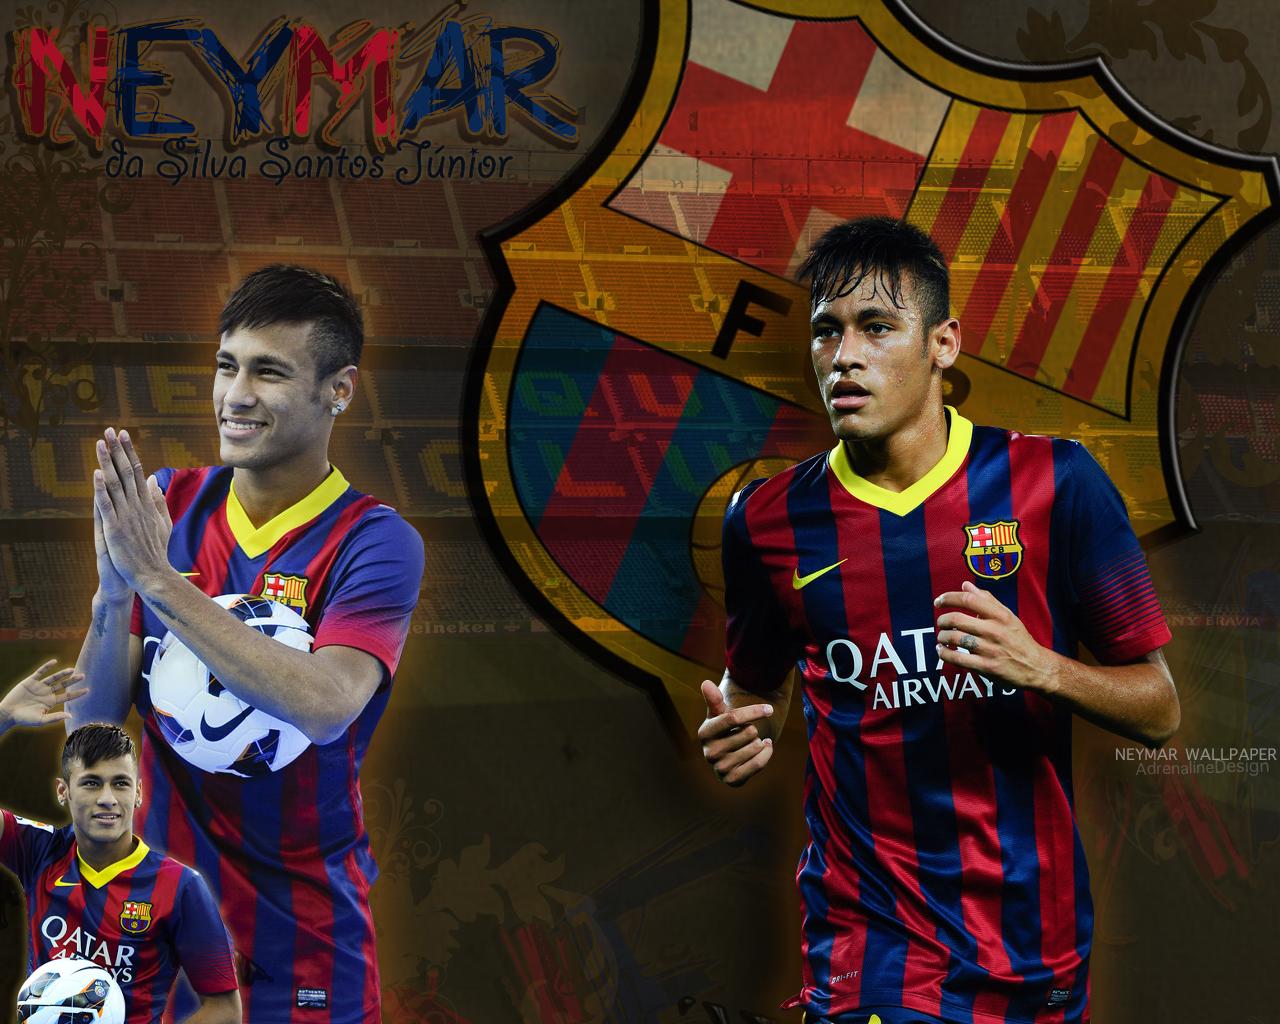 Neymar fc barcelona wallpaper by adrenaliinedesign on deviantart neymar fc barcelona wallpaper by adrenaliinedesign neymar fc barcelona wallpaper by adrenaliinedesign voltagebd Images